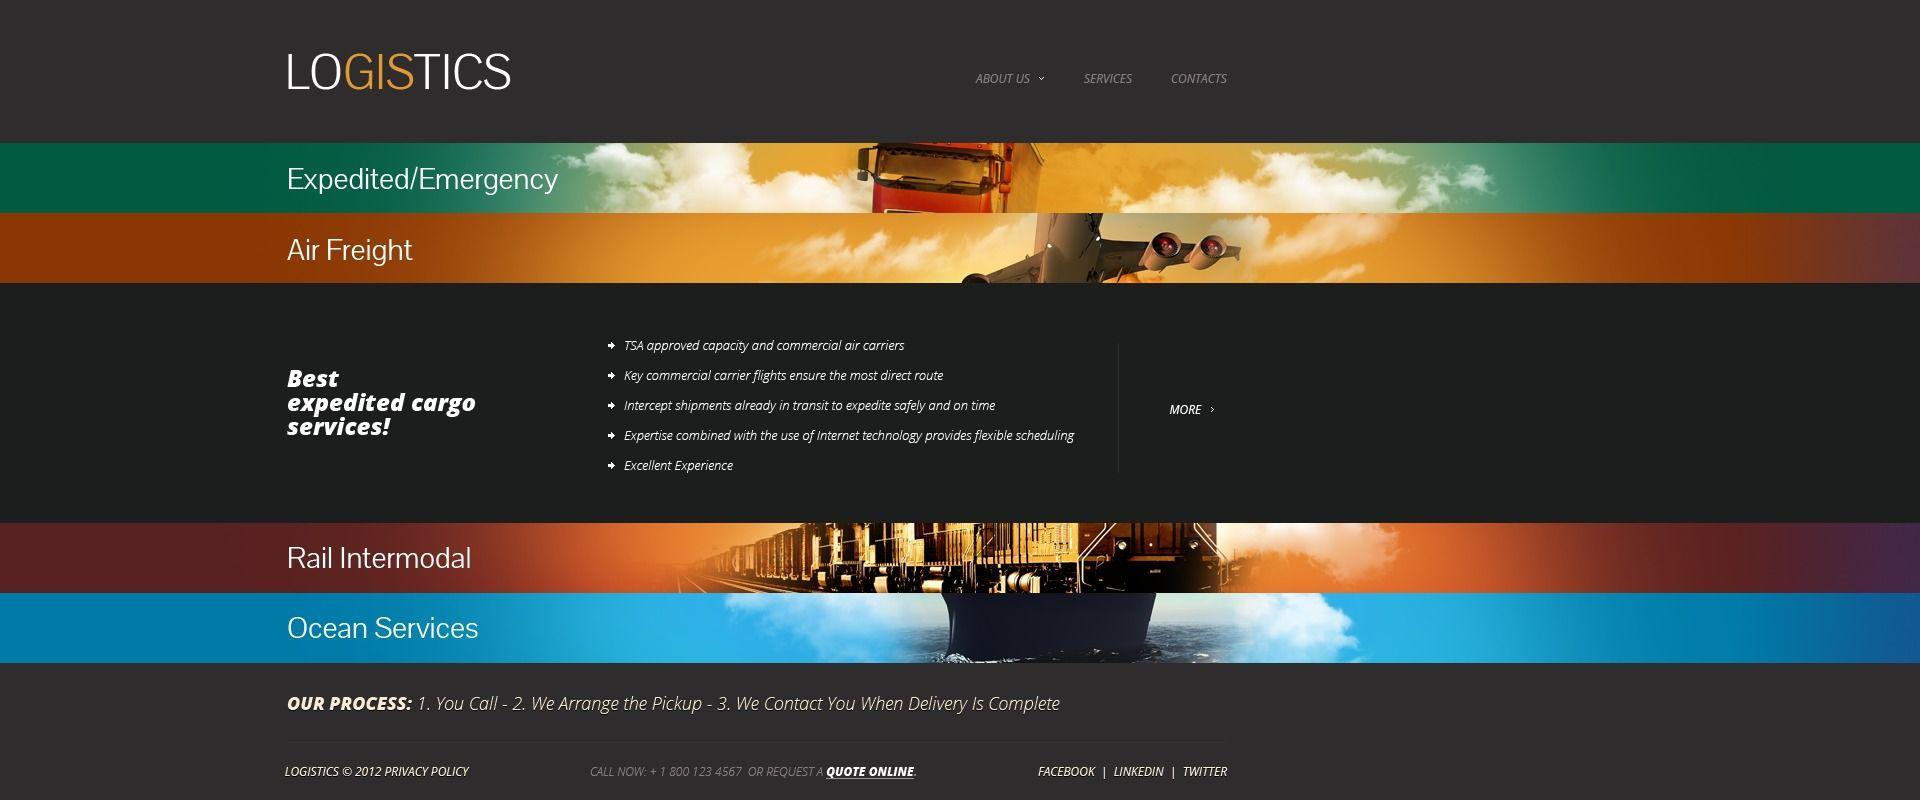 Company Profile Design Template Google Search Company Profile Design Templates Website Template Templates